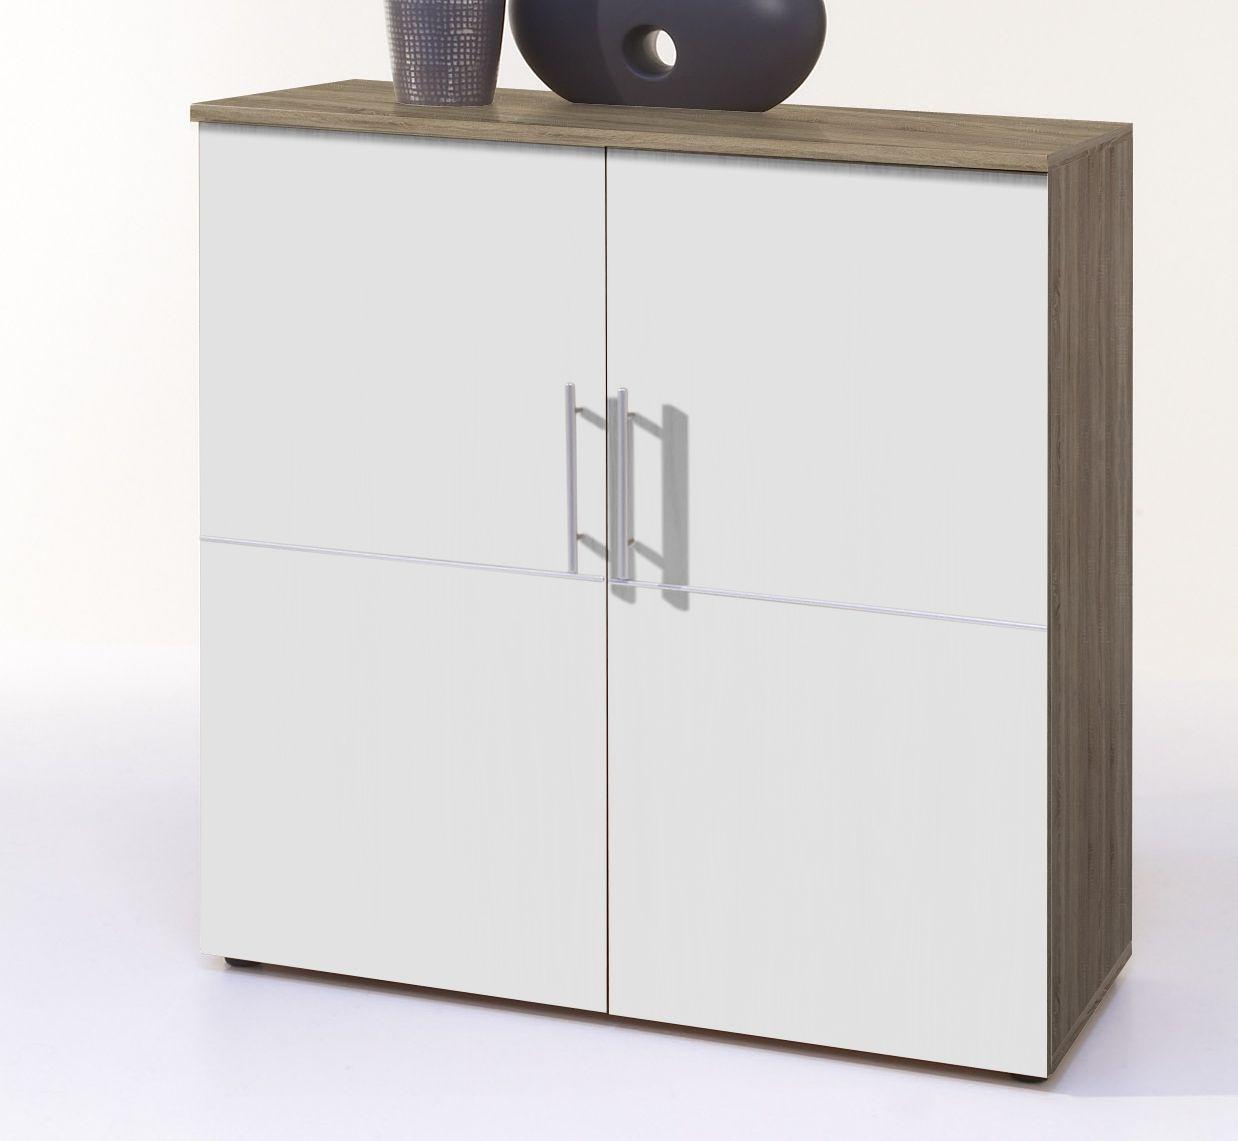 Kommode Punto 1 Kommoden Kleinmobel Garderoben Sortiment